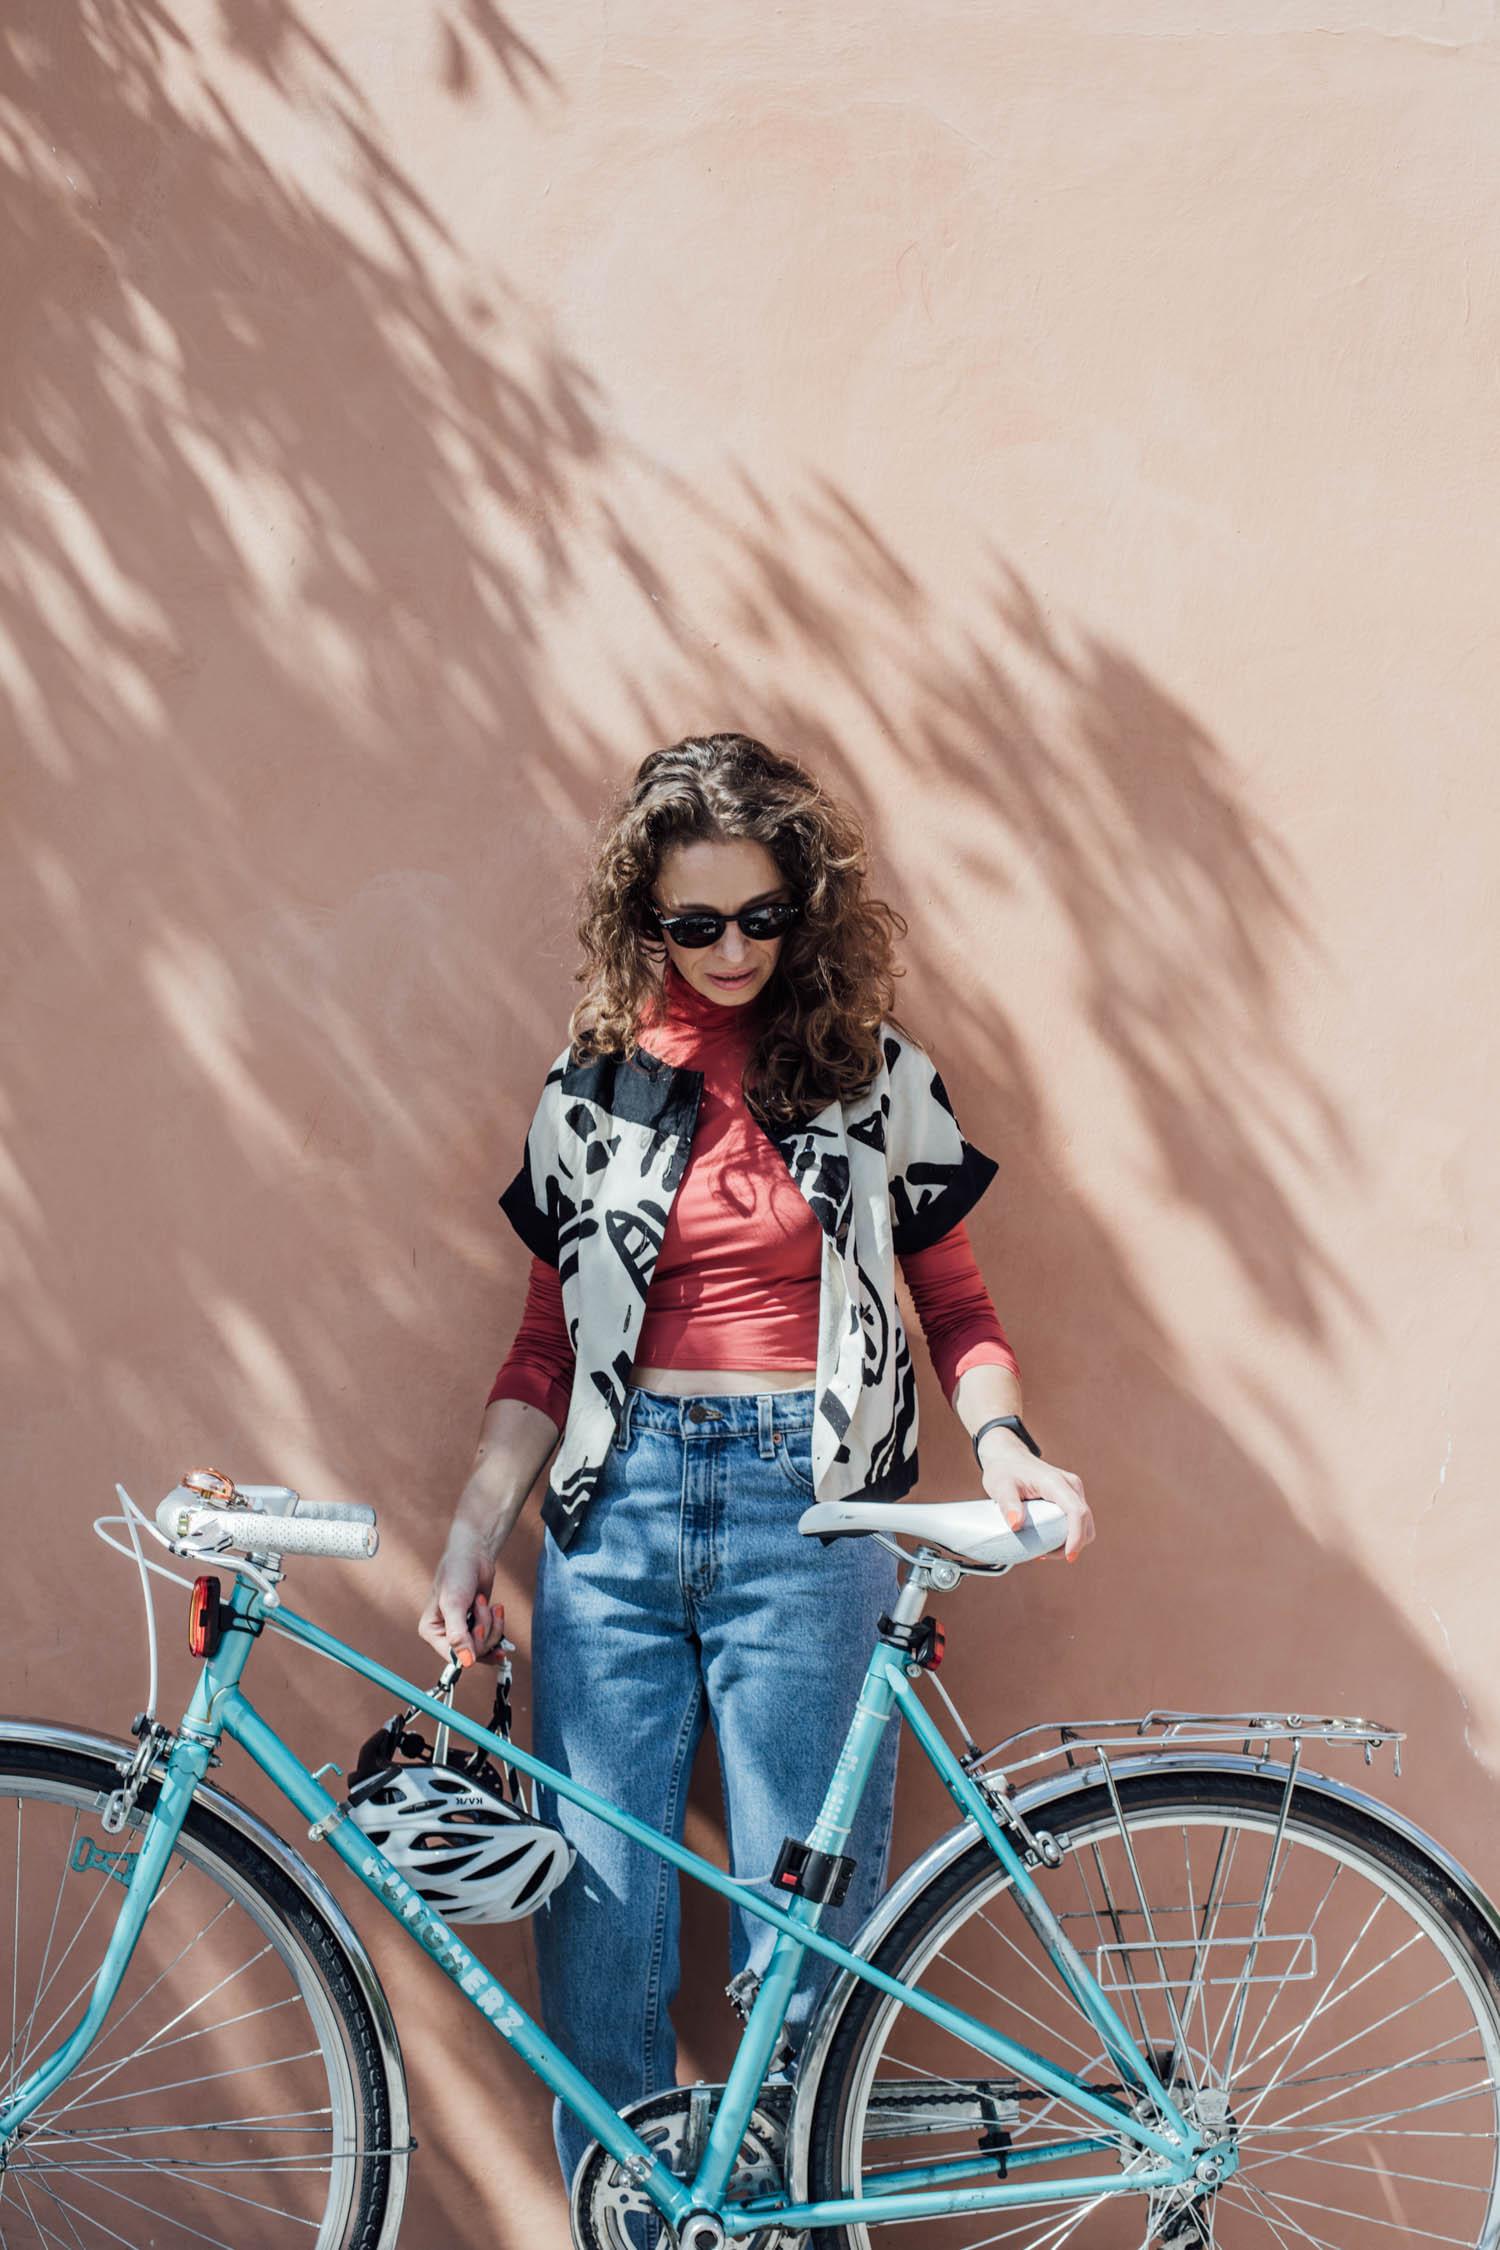 jana_travnickova_women_bicycle_repete_holkynakole_2